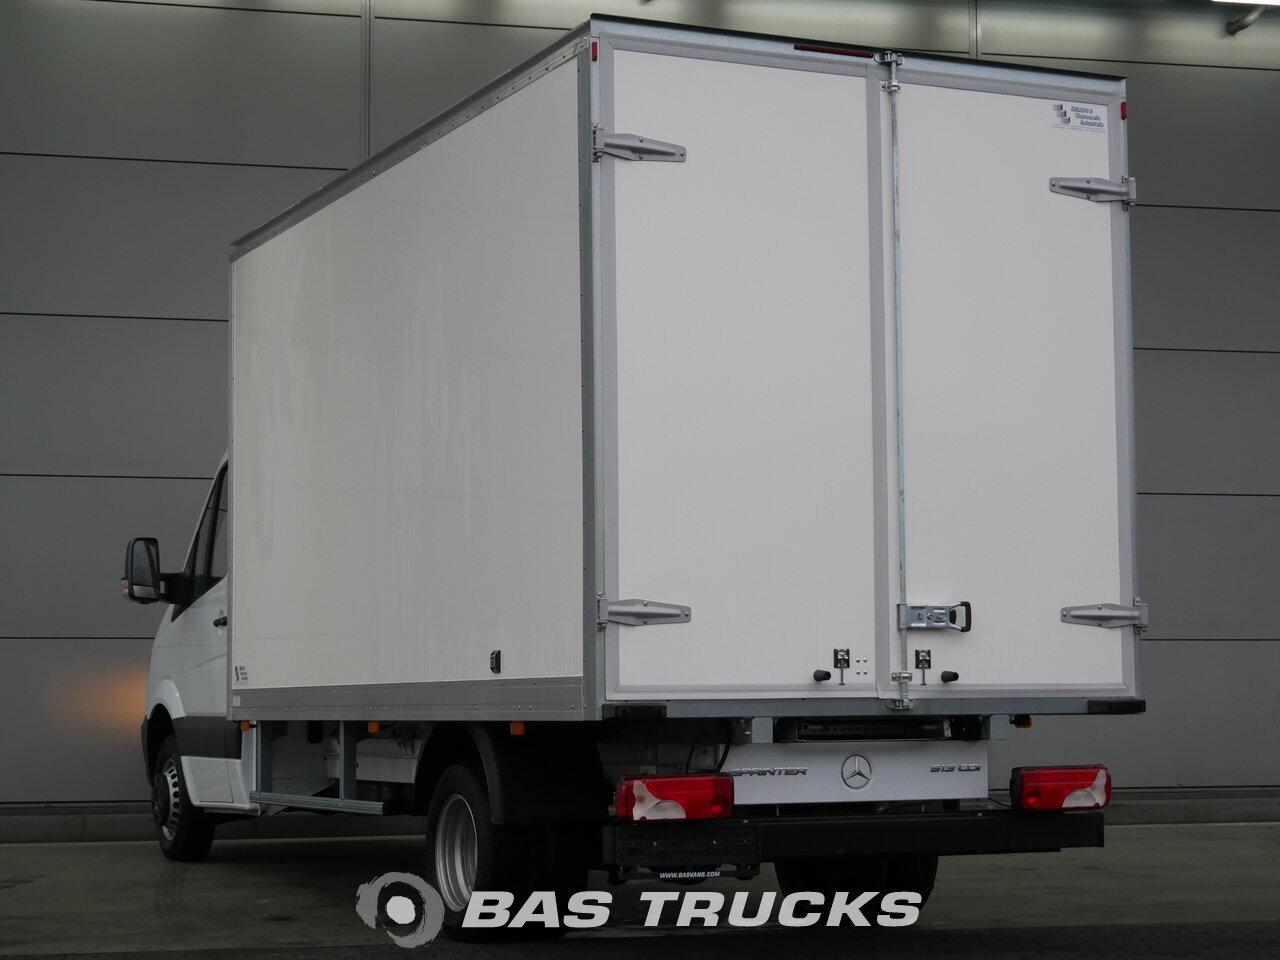 mercedes sprinter 513 leichte nutzfahrzeuge euro 0 20900 bas trucks. Black Bedroom Furniture Sets. Home Design Ideas